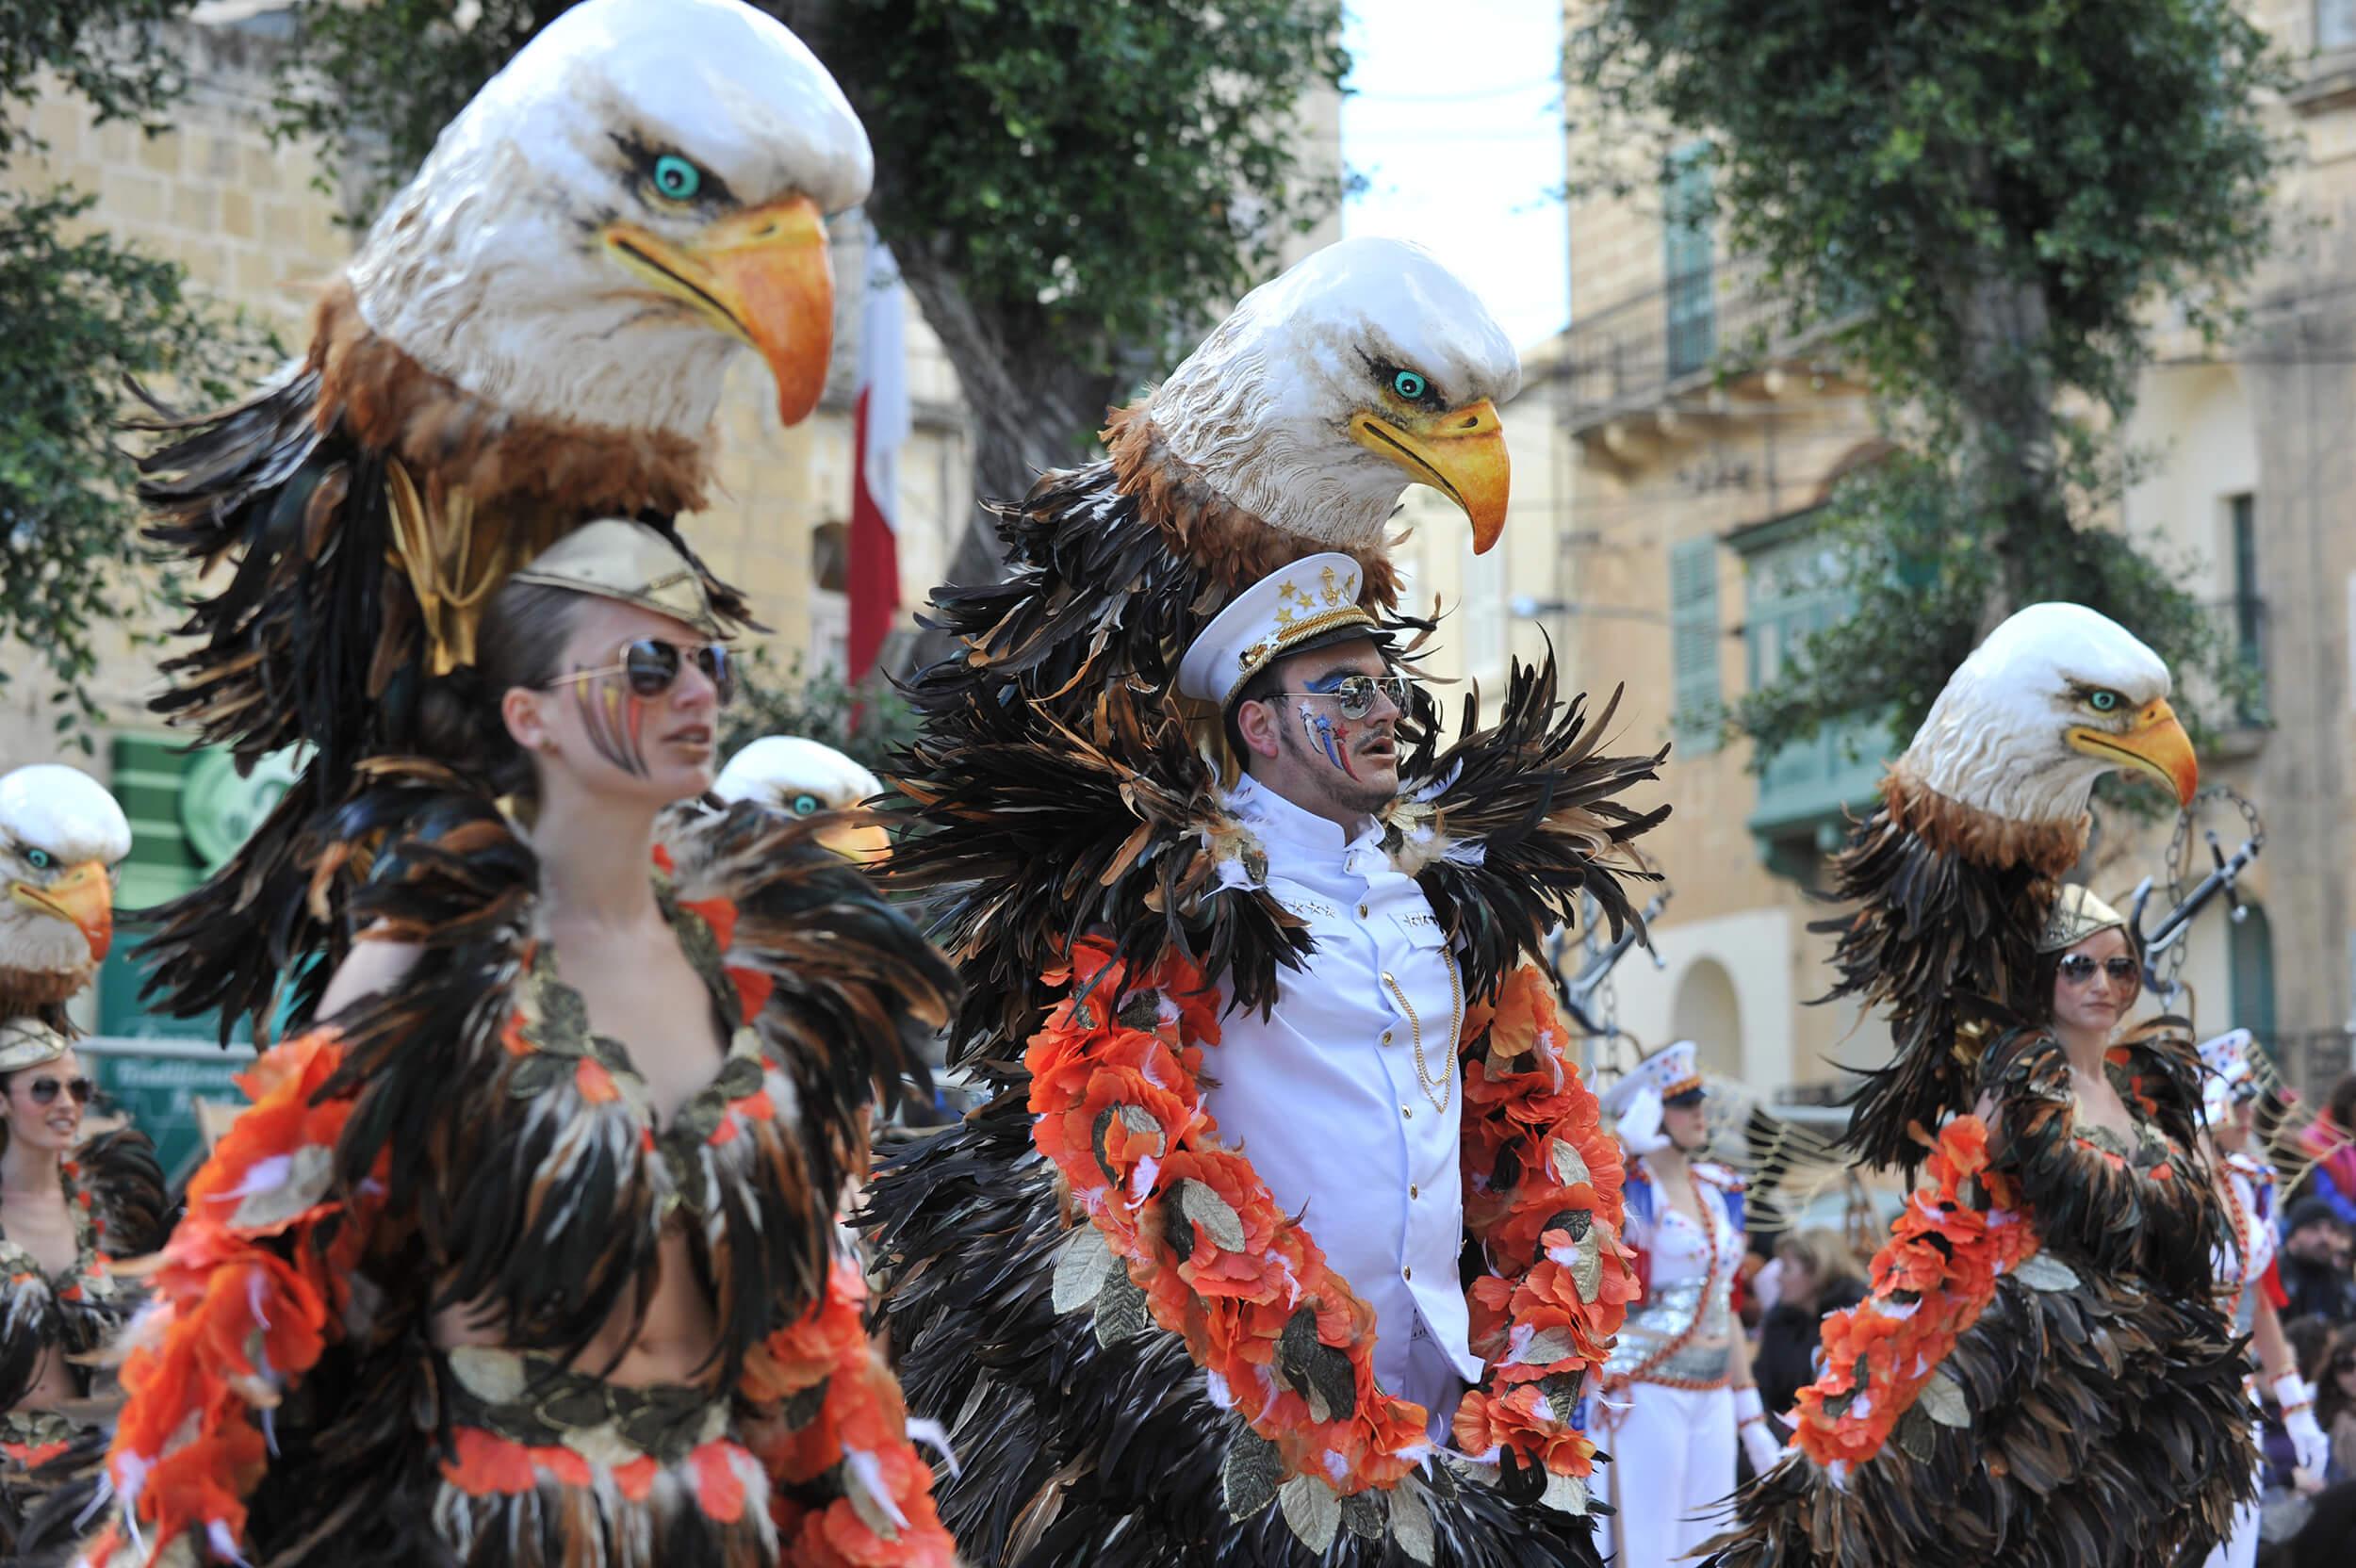 Carnival-gozo